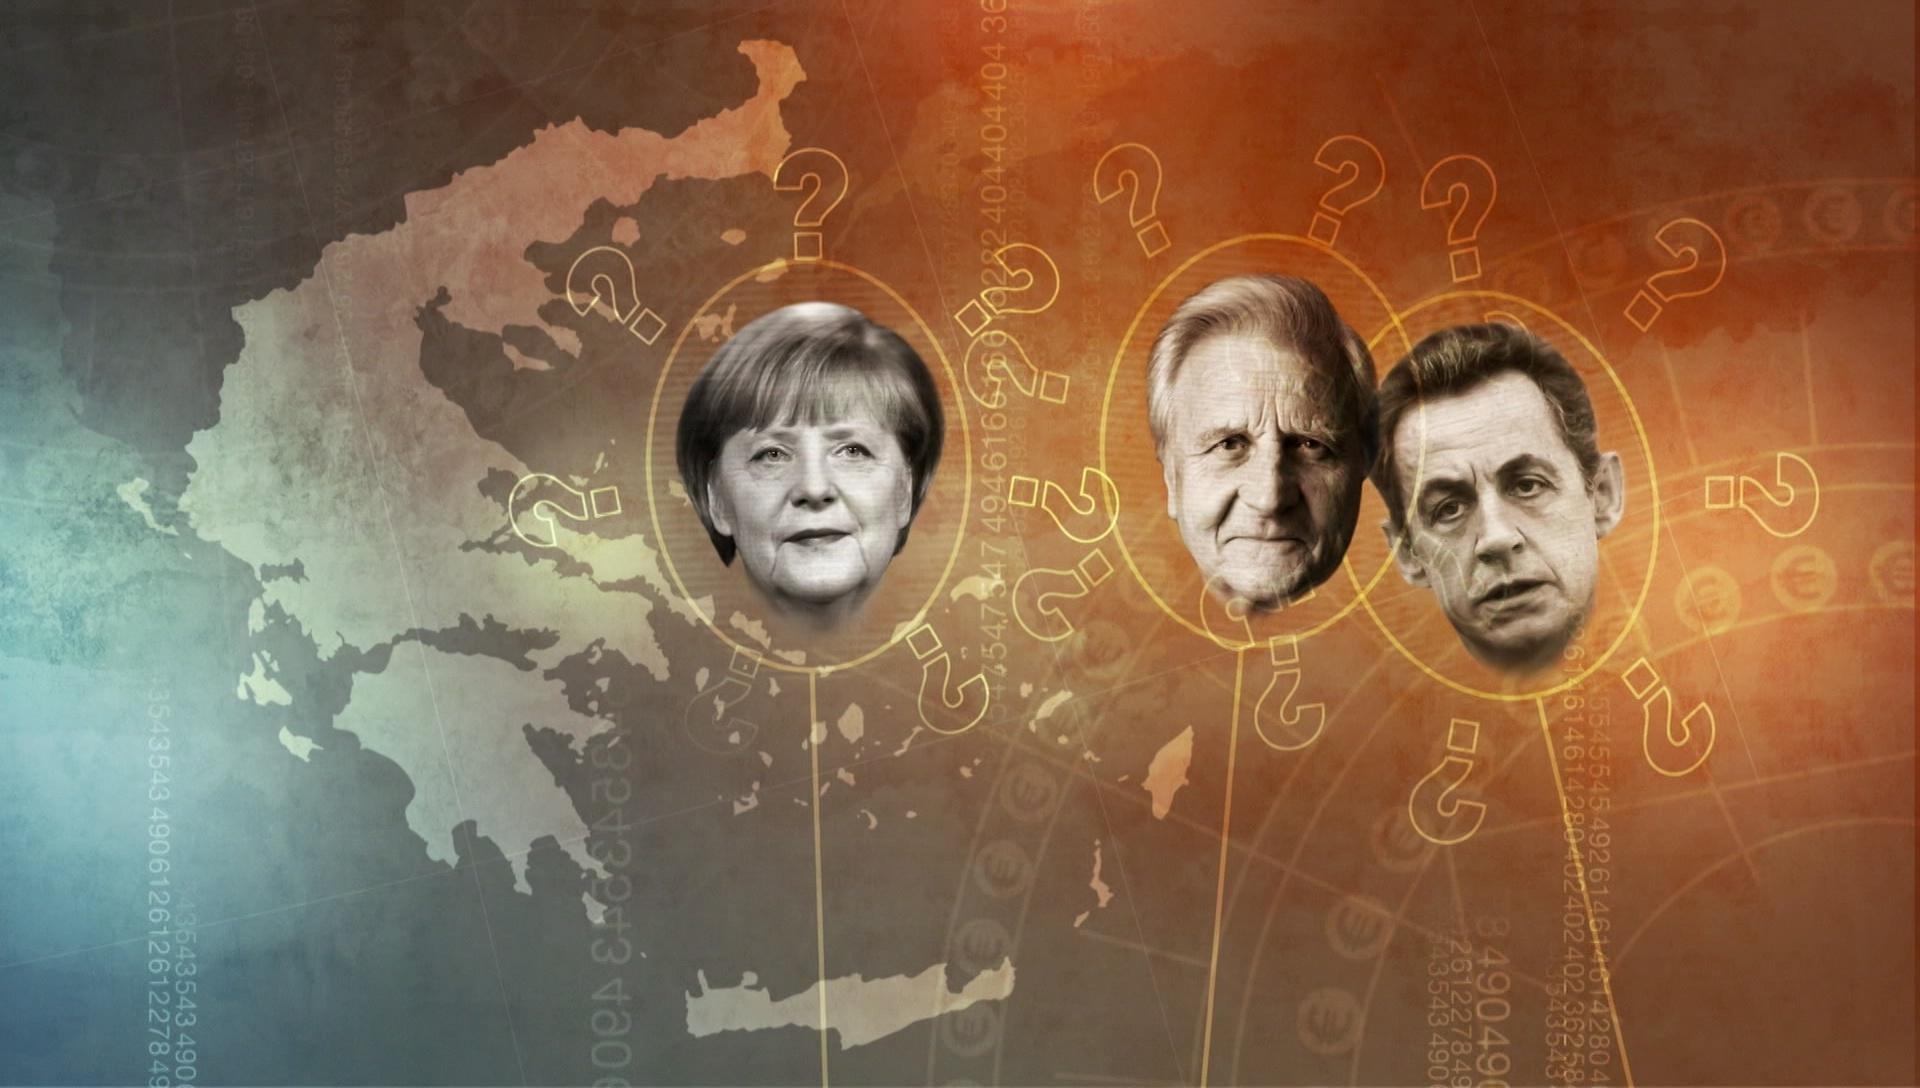 Staatsschulden - System ausser Kontrolle?